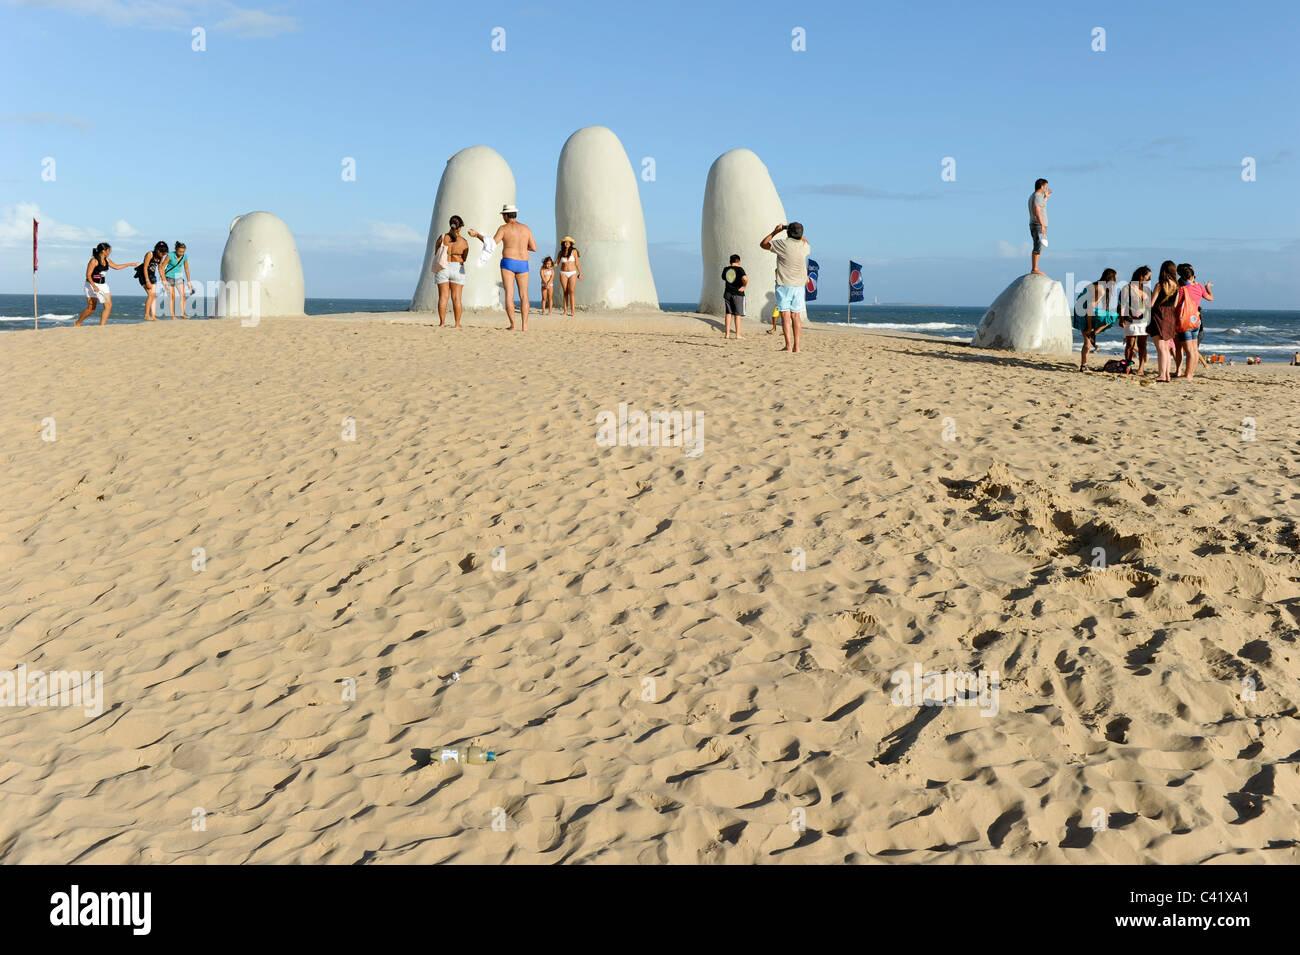 """URUGUAY Punta del Este sculpture """"Los Dedos"""" the fingers at the beach - Stock Image"""